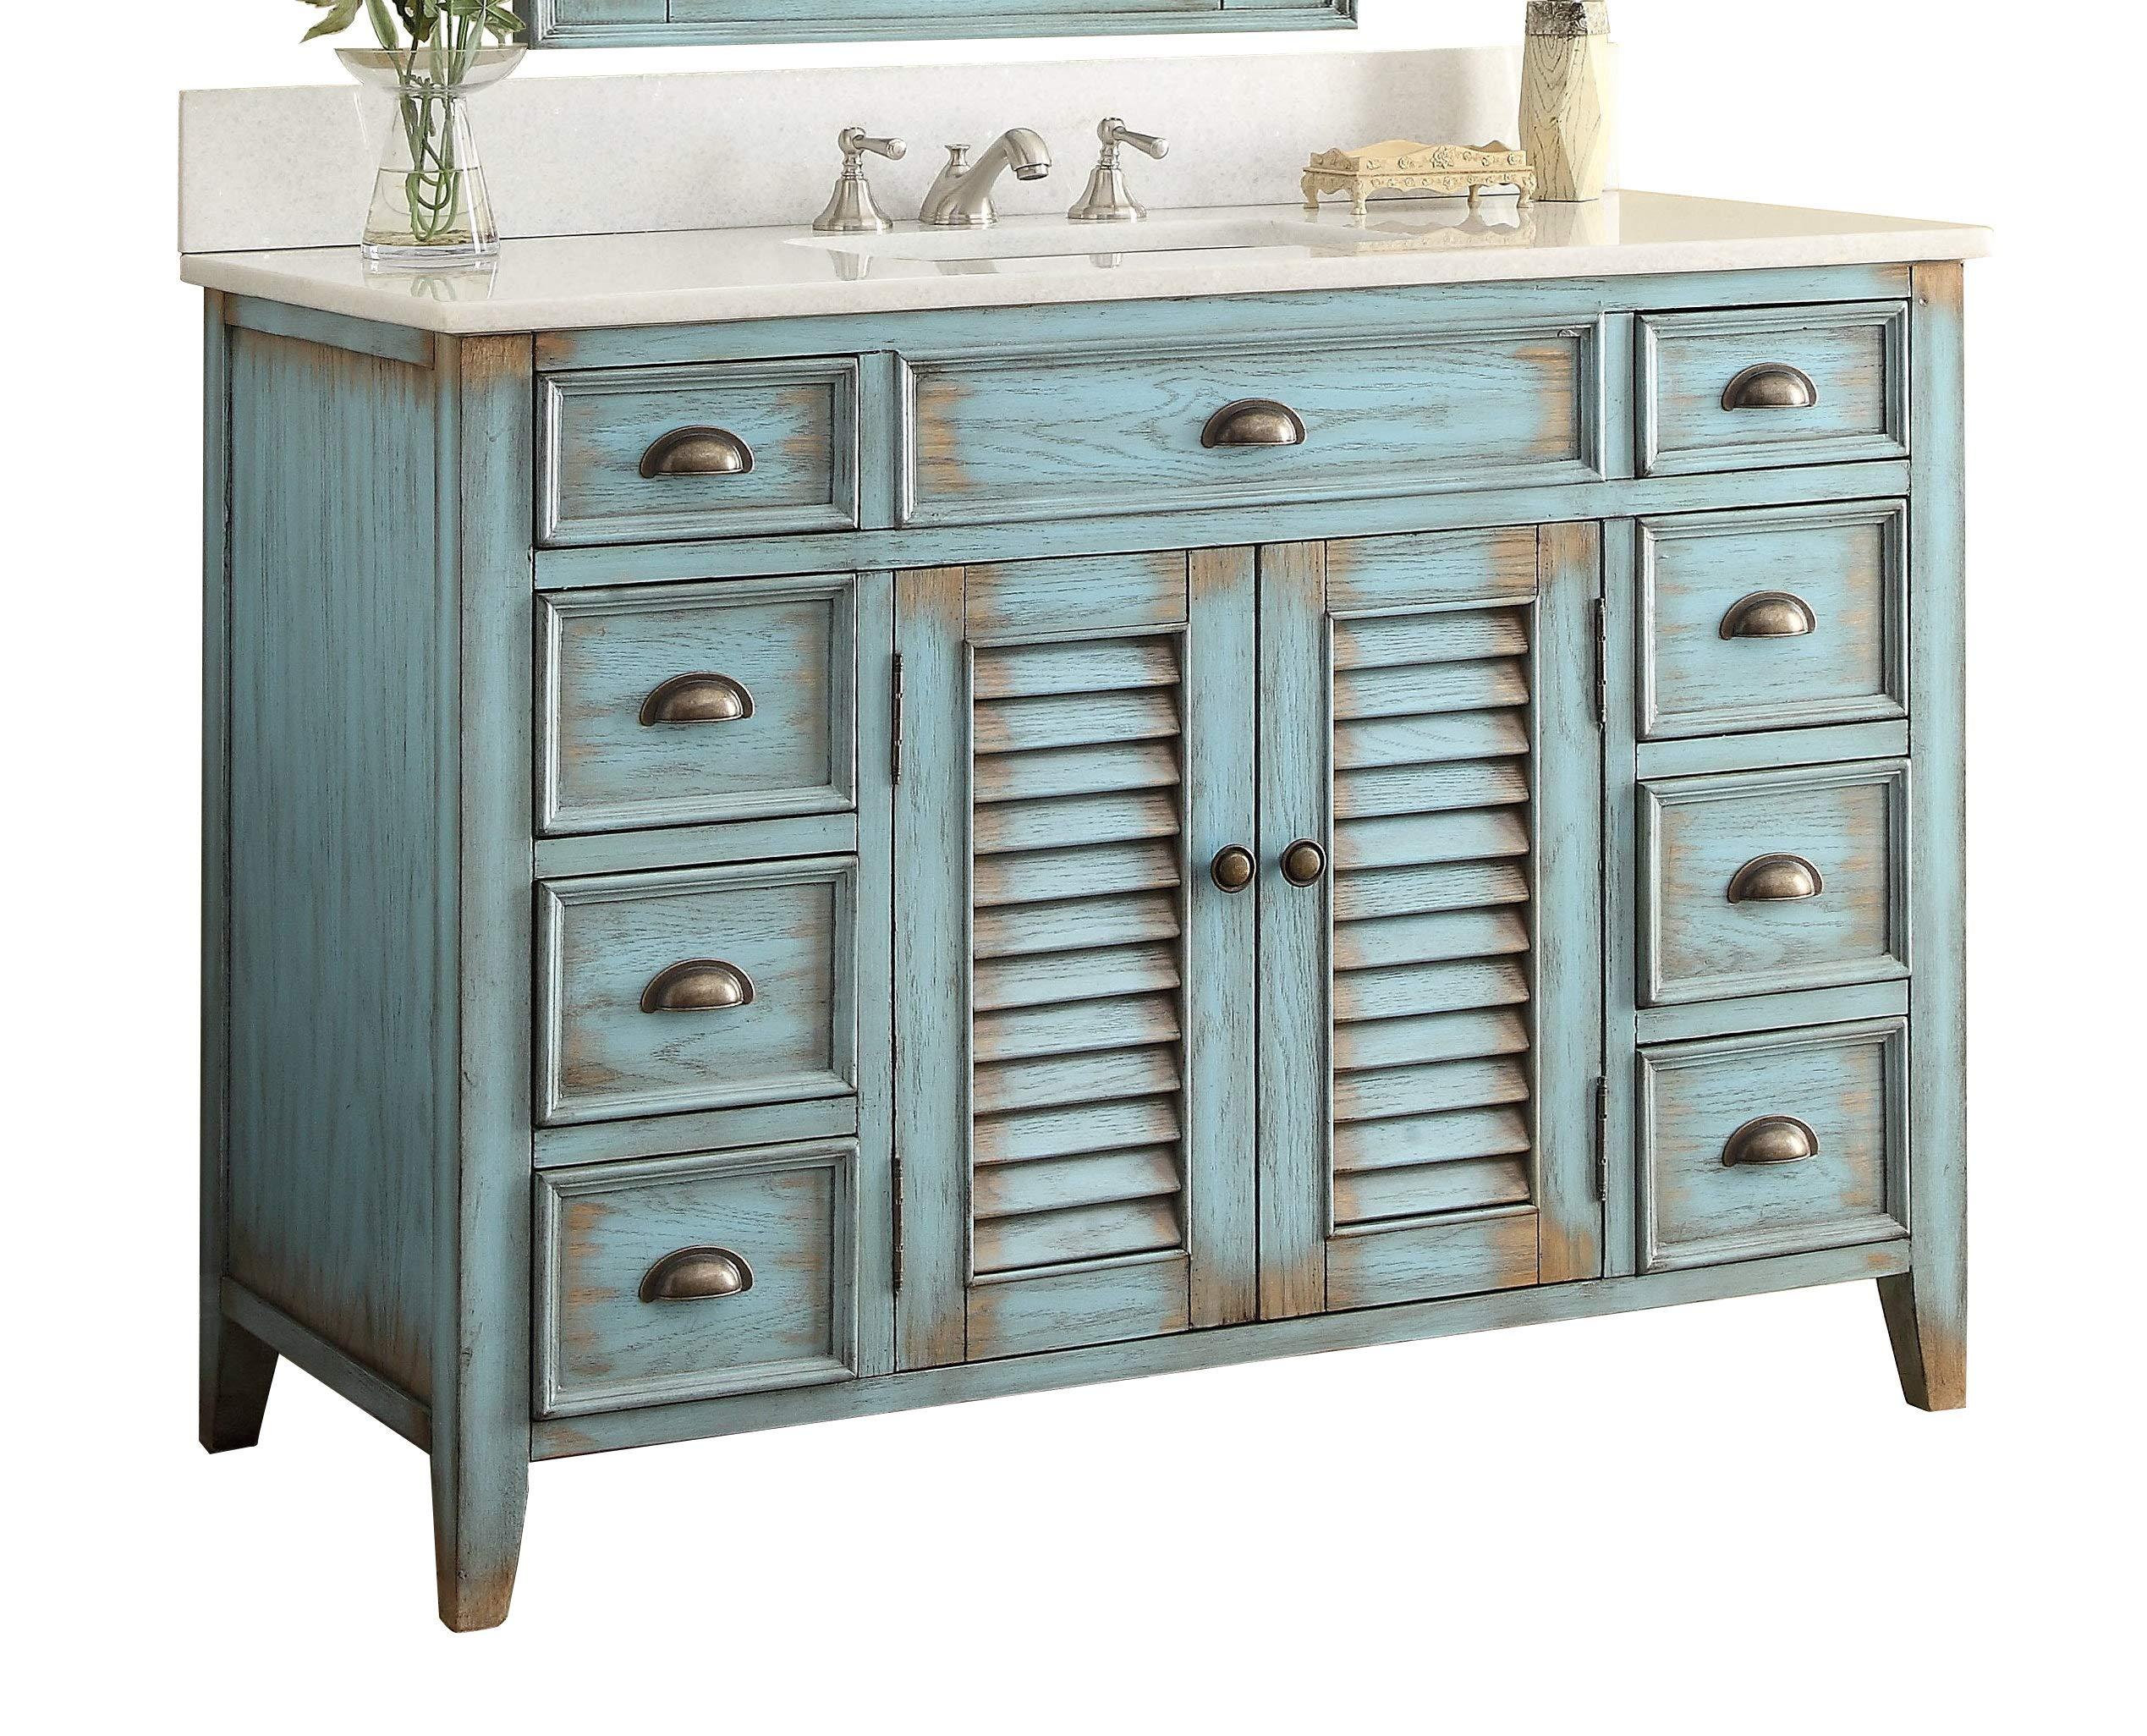 46 cottage look abbeville bathroom sink vanity model cf28885bu